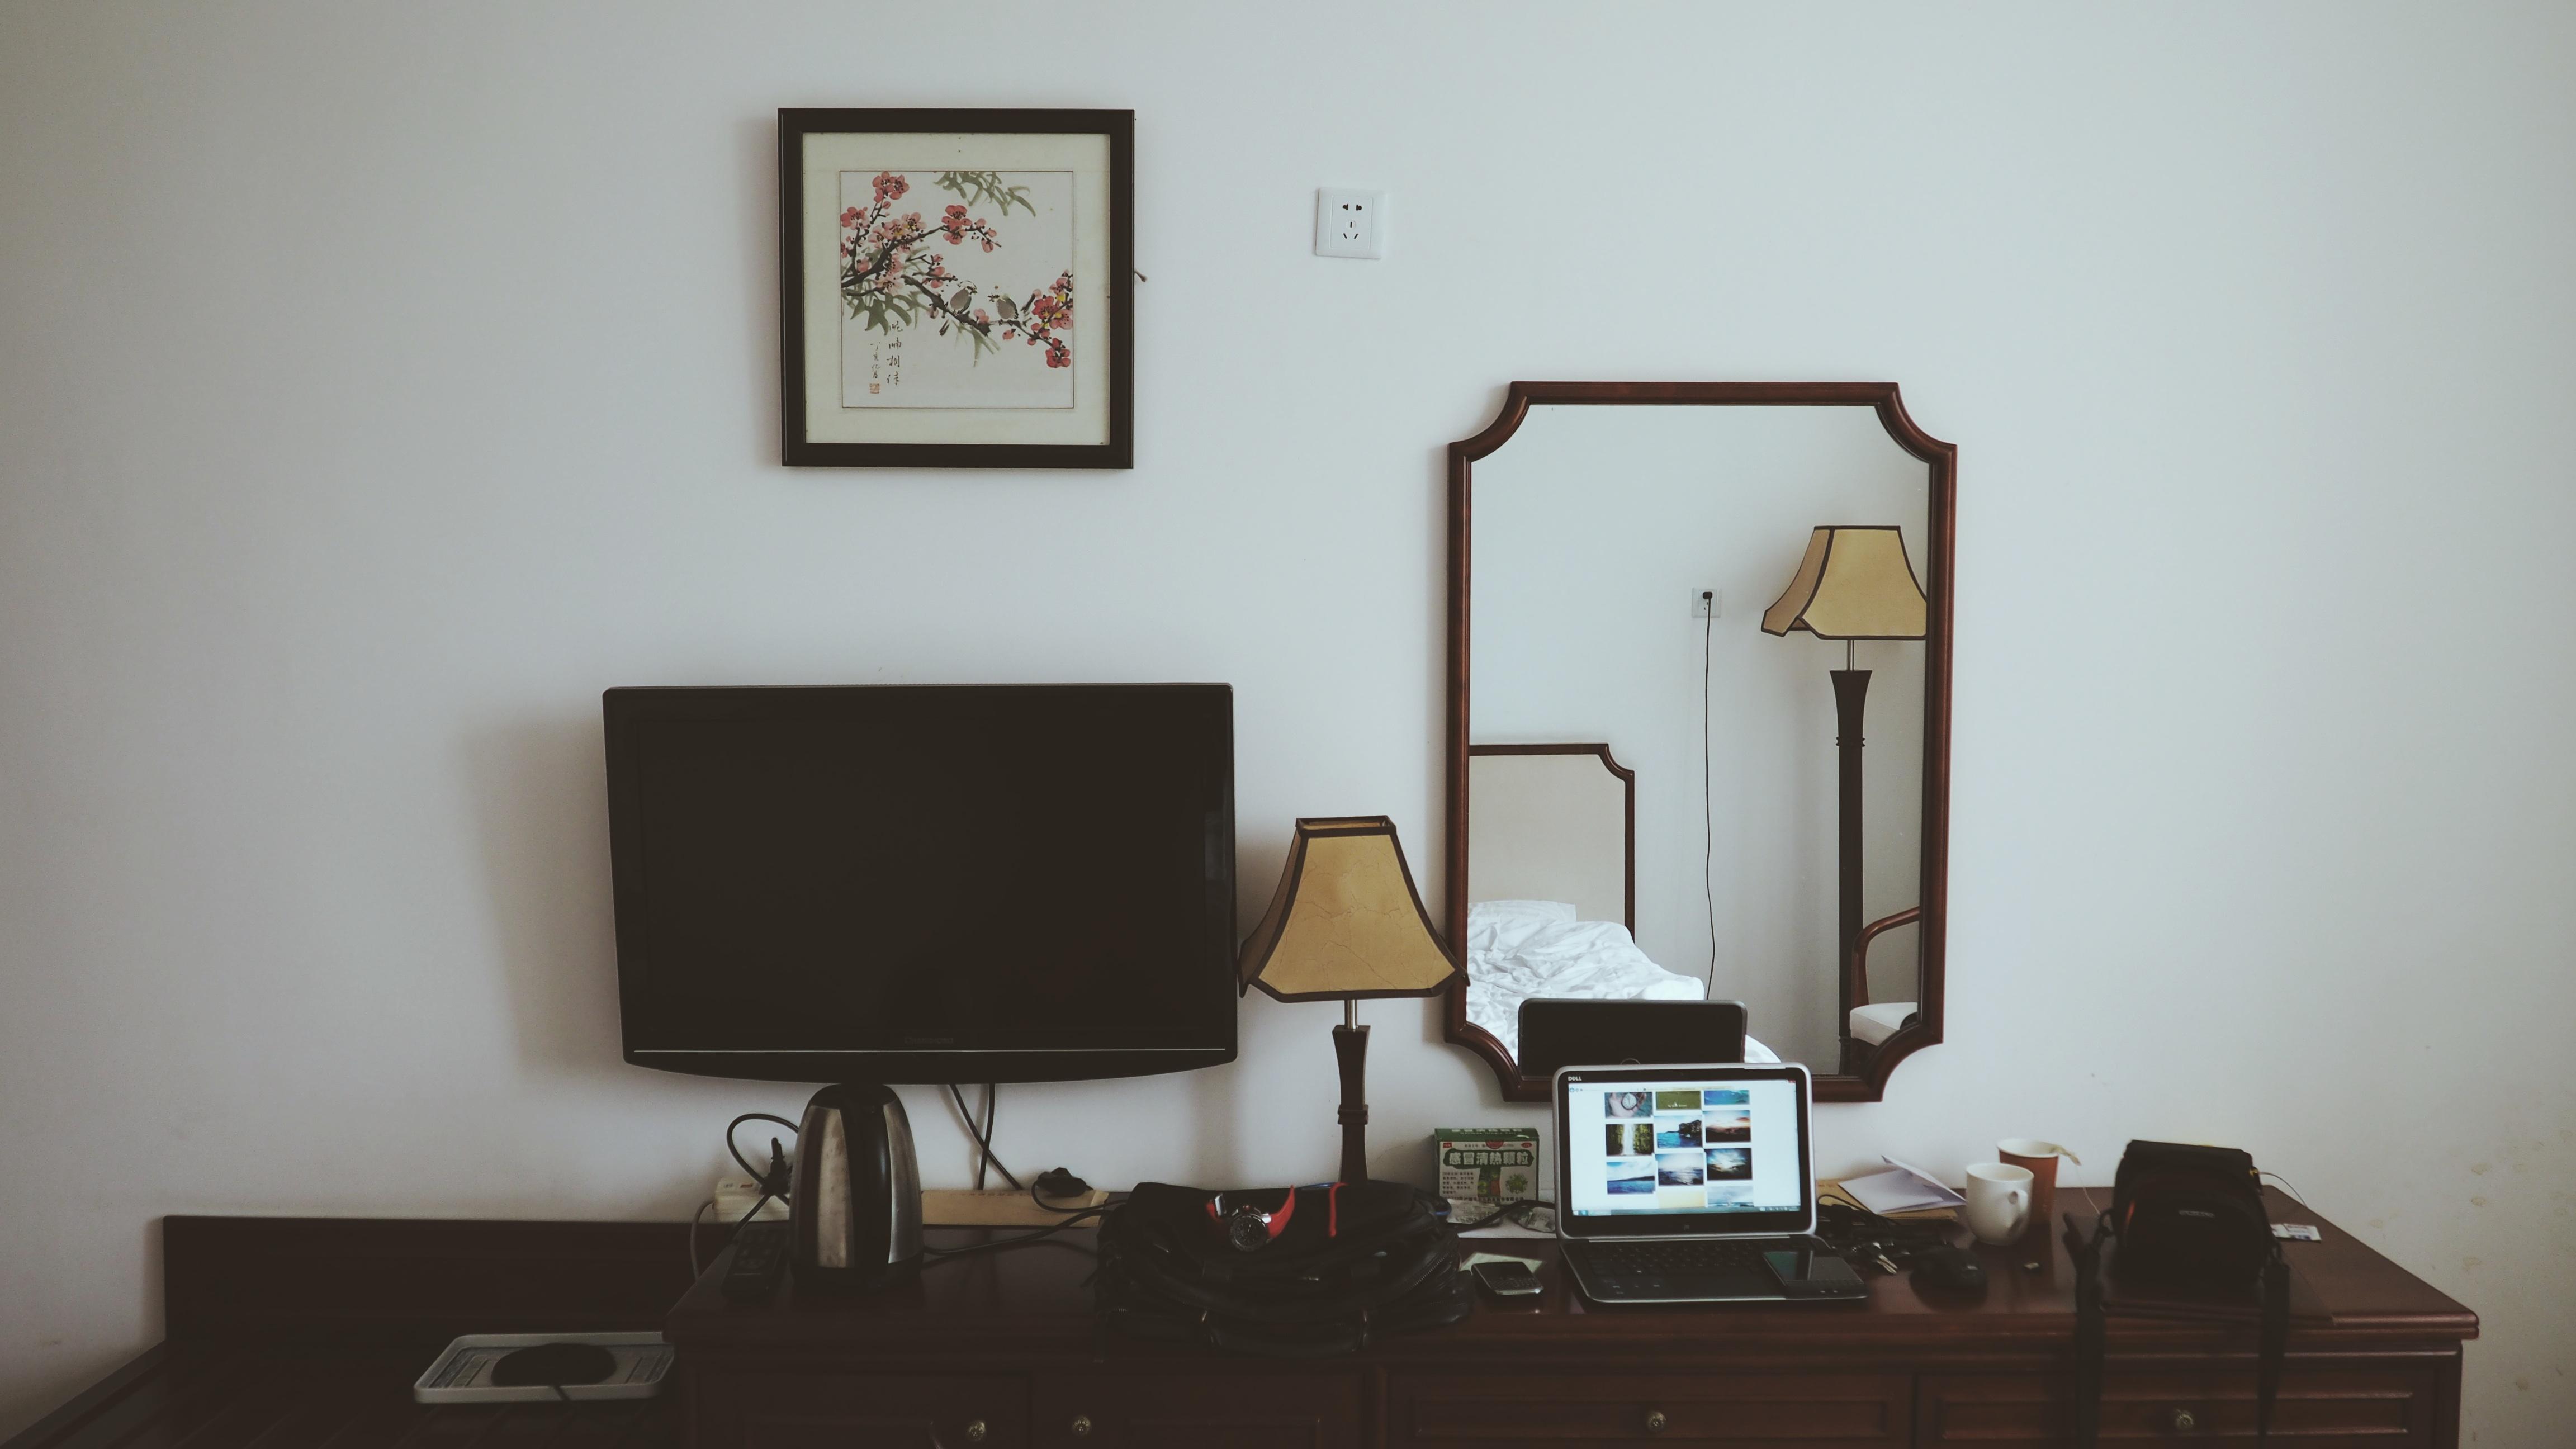 Gratis Afbeeldingen : bureau, huis-, kantoor, woonkamer, meubilair ...